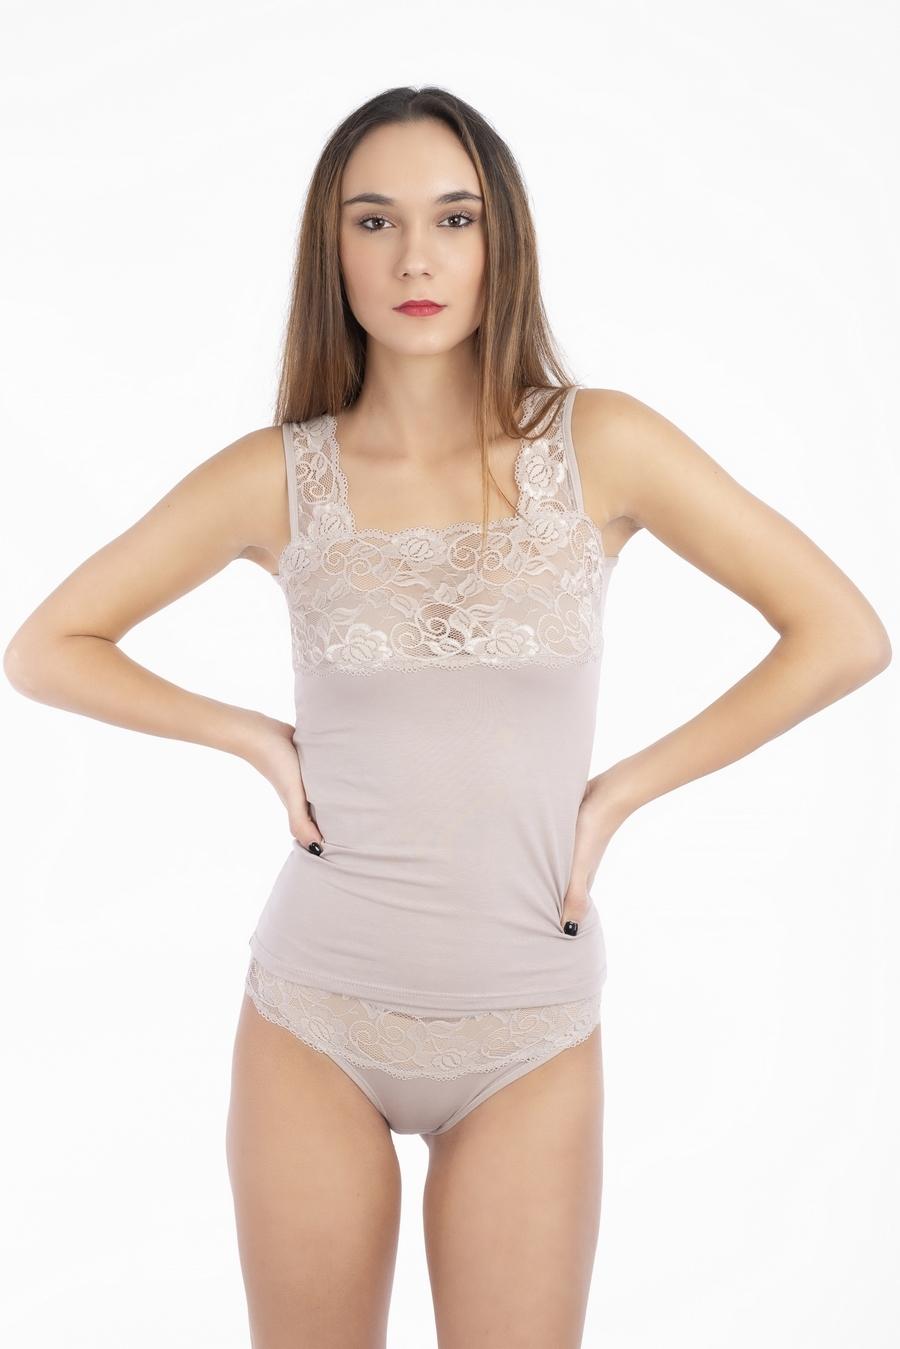 Canotta donna spalla larga in cotone modal con spalla e top in pizzo